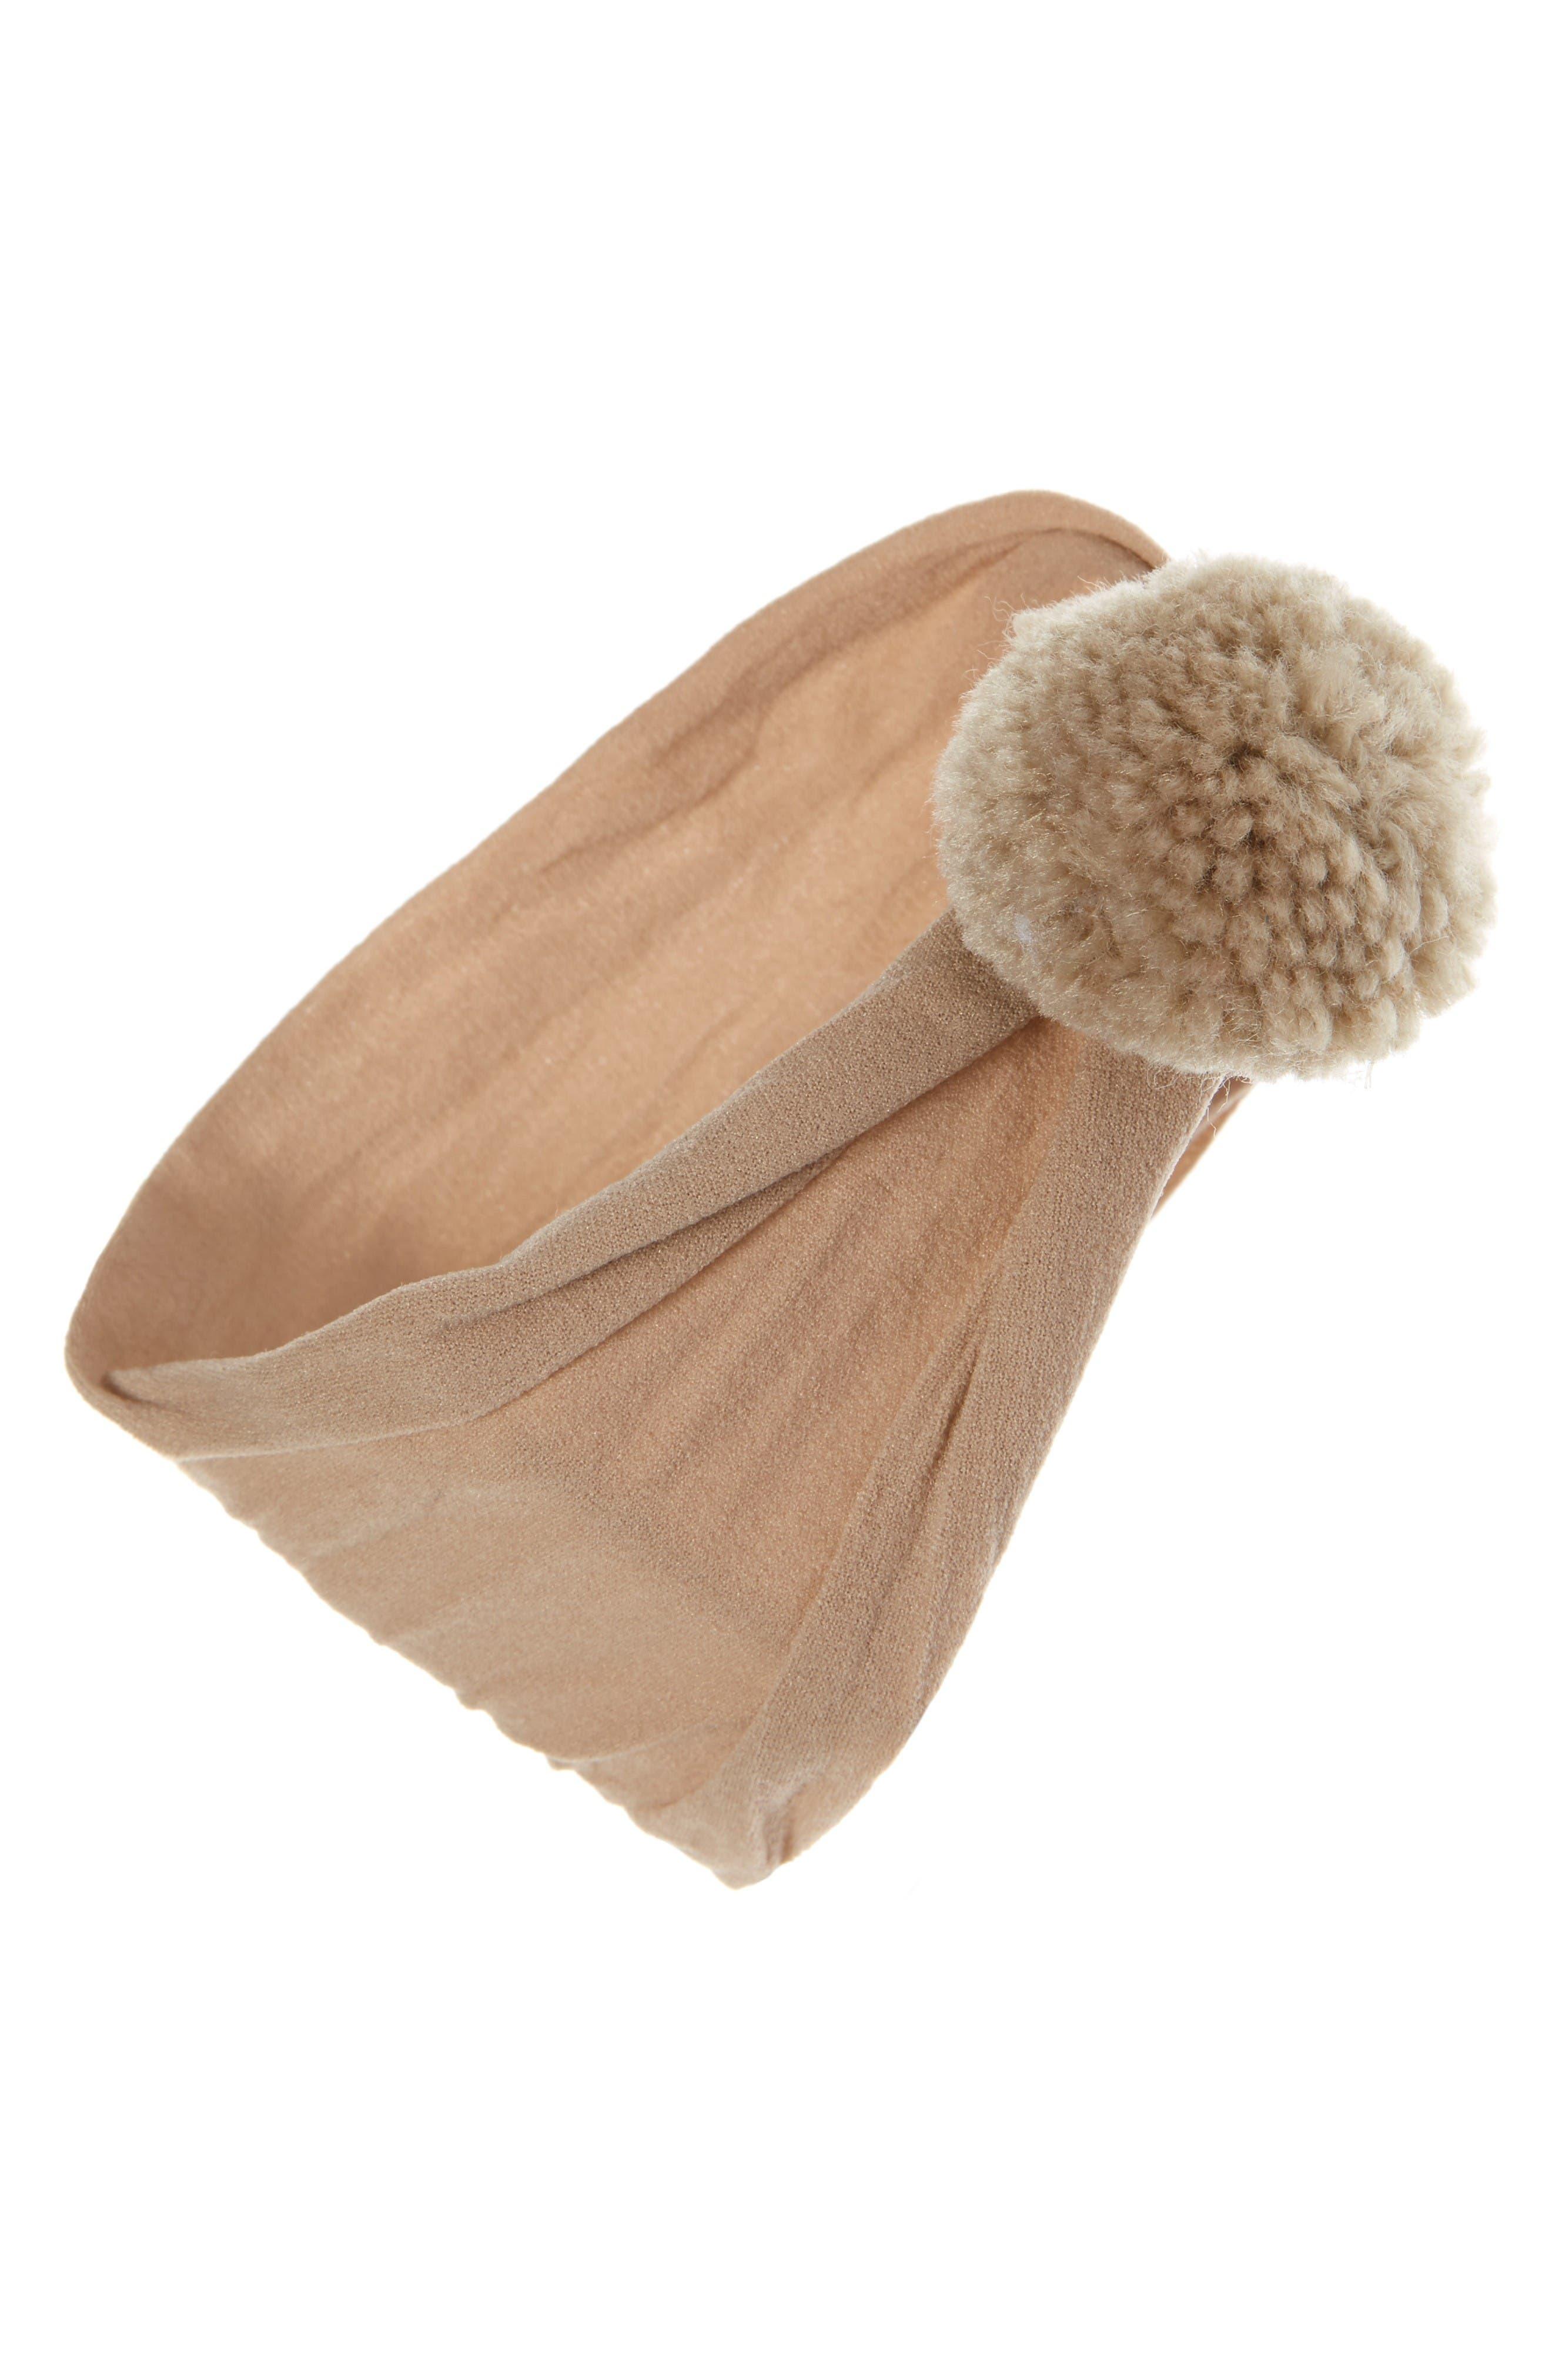 Alternate Image 1 Selected - Baby Bling Pompom Headband (Baby Girls)